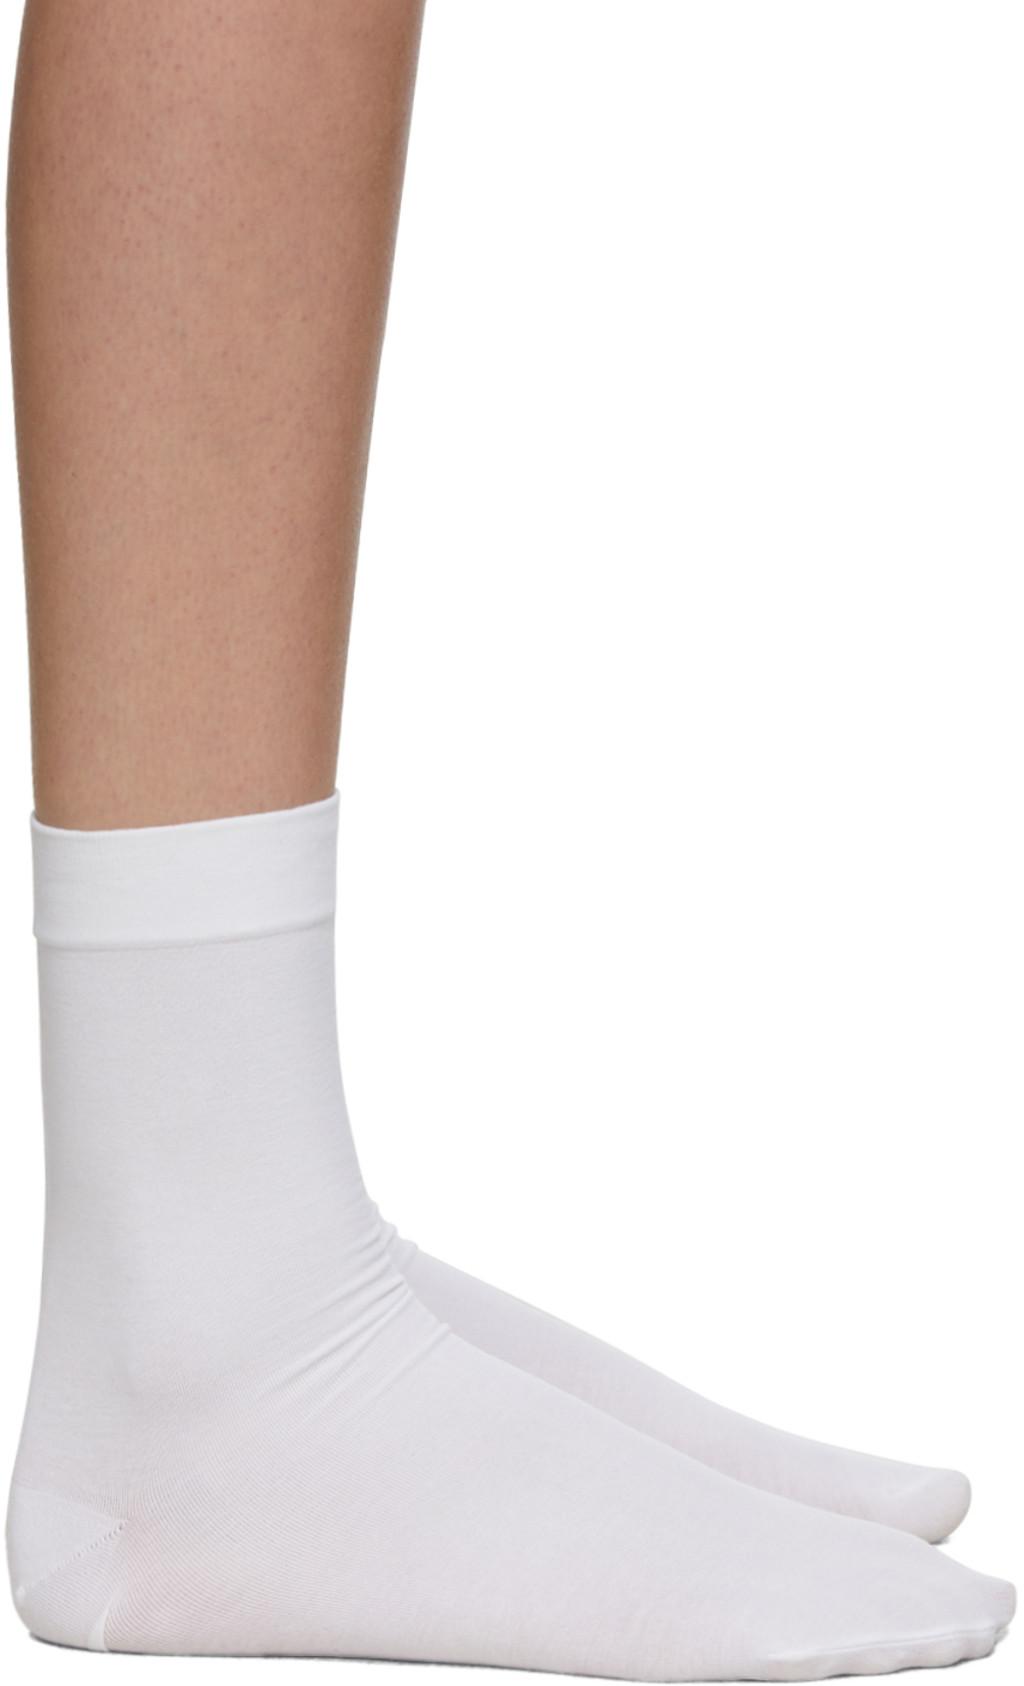 09a3d641c2a3d Designer socks for Women | SSENSE